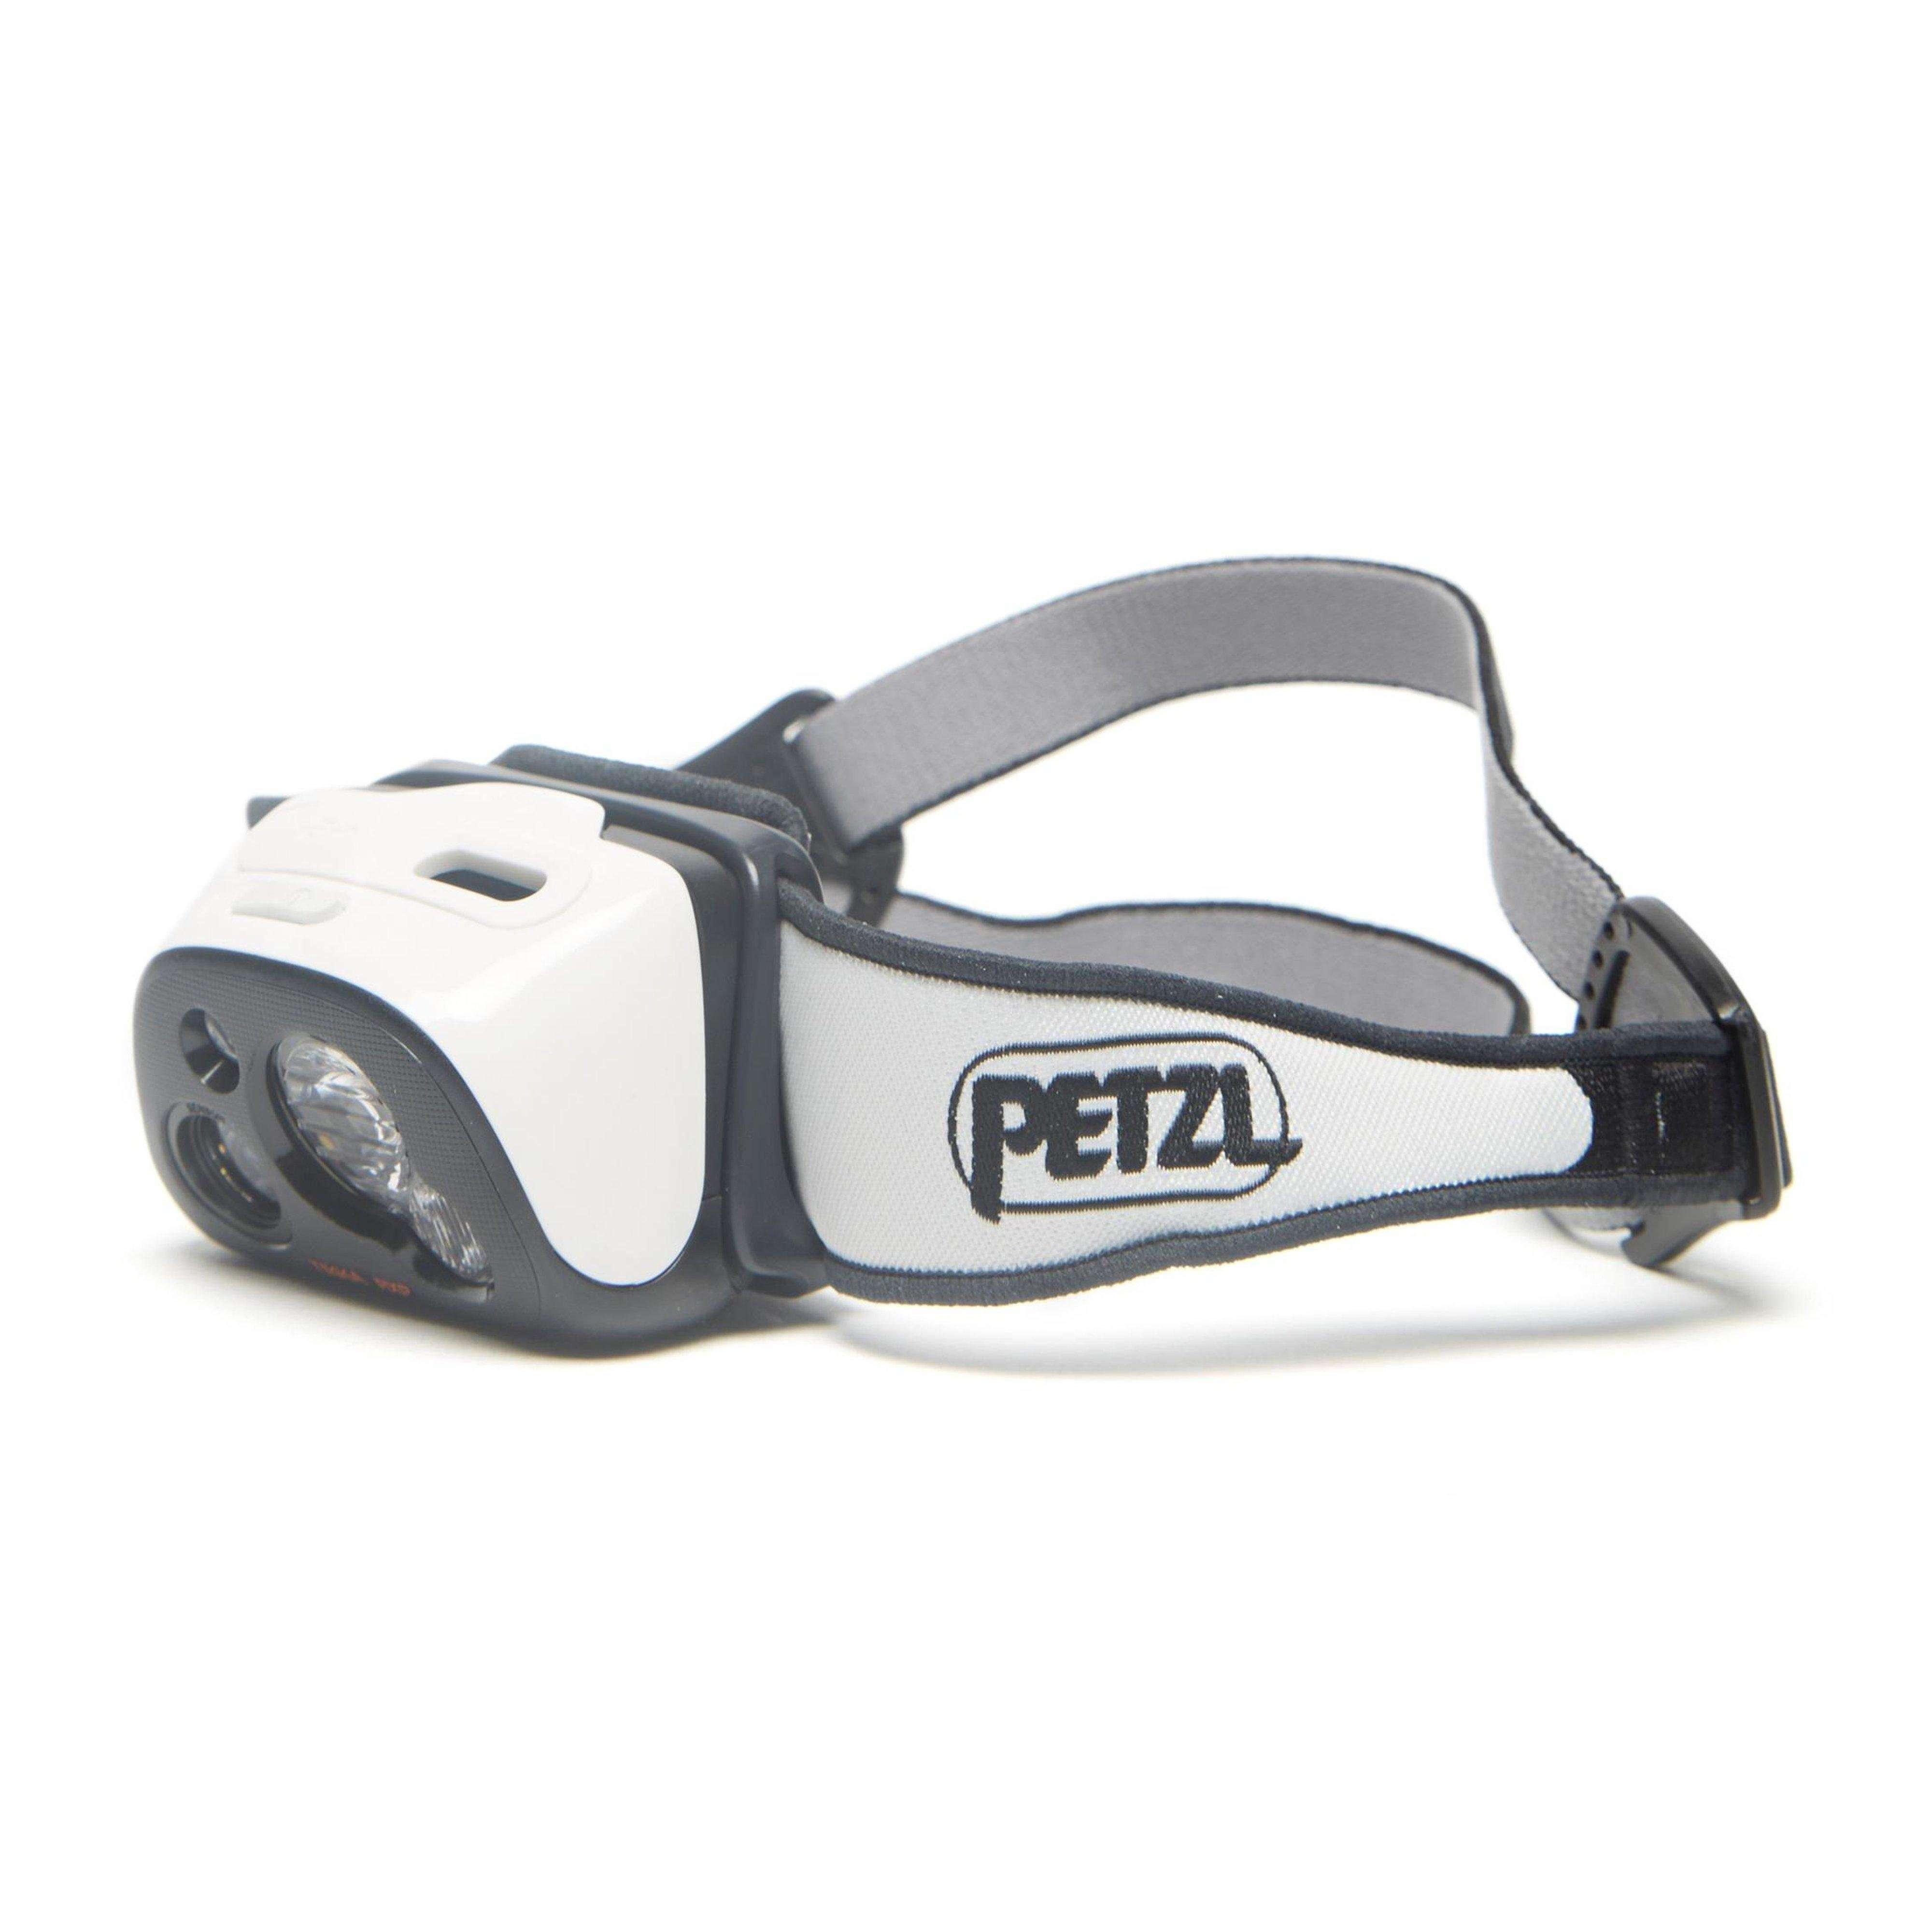 PETZL Tikka RXP Head Torch